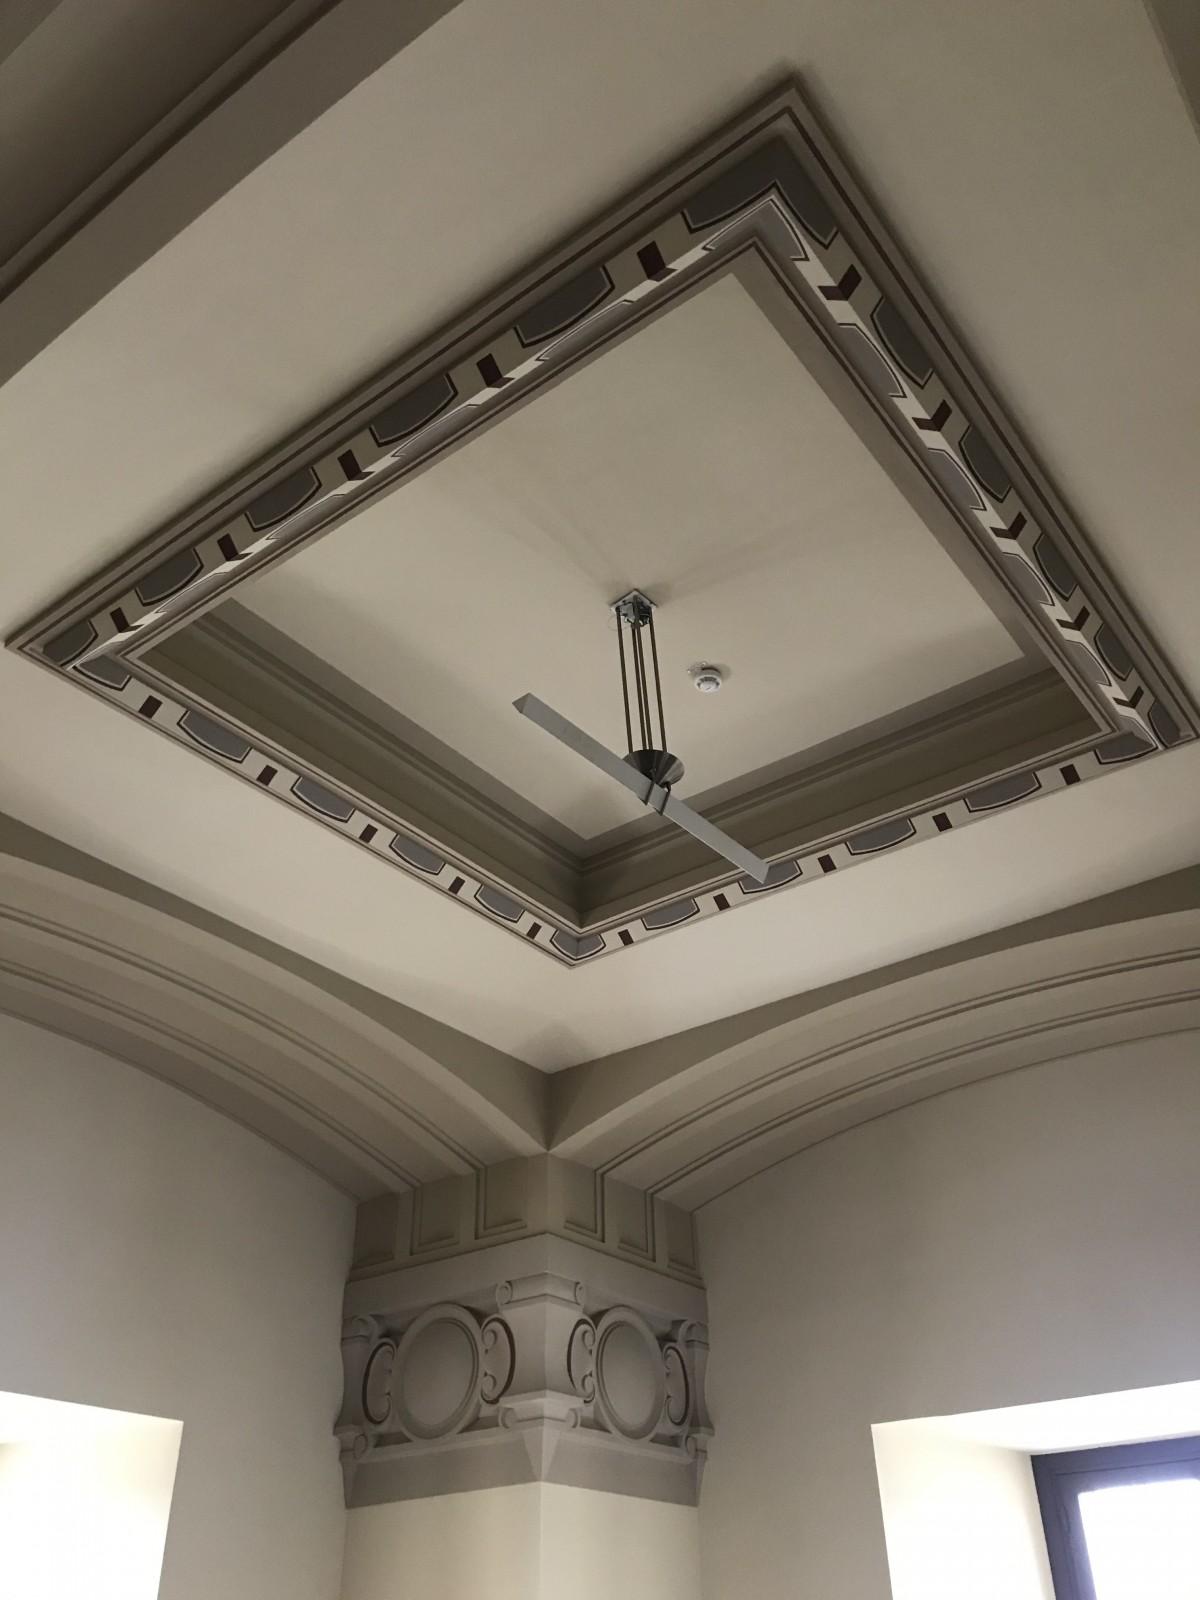 Plafond avec frise